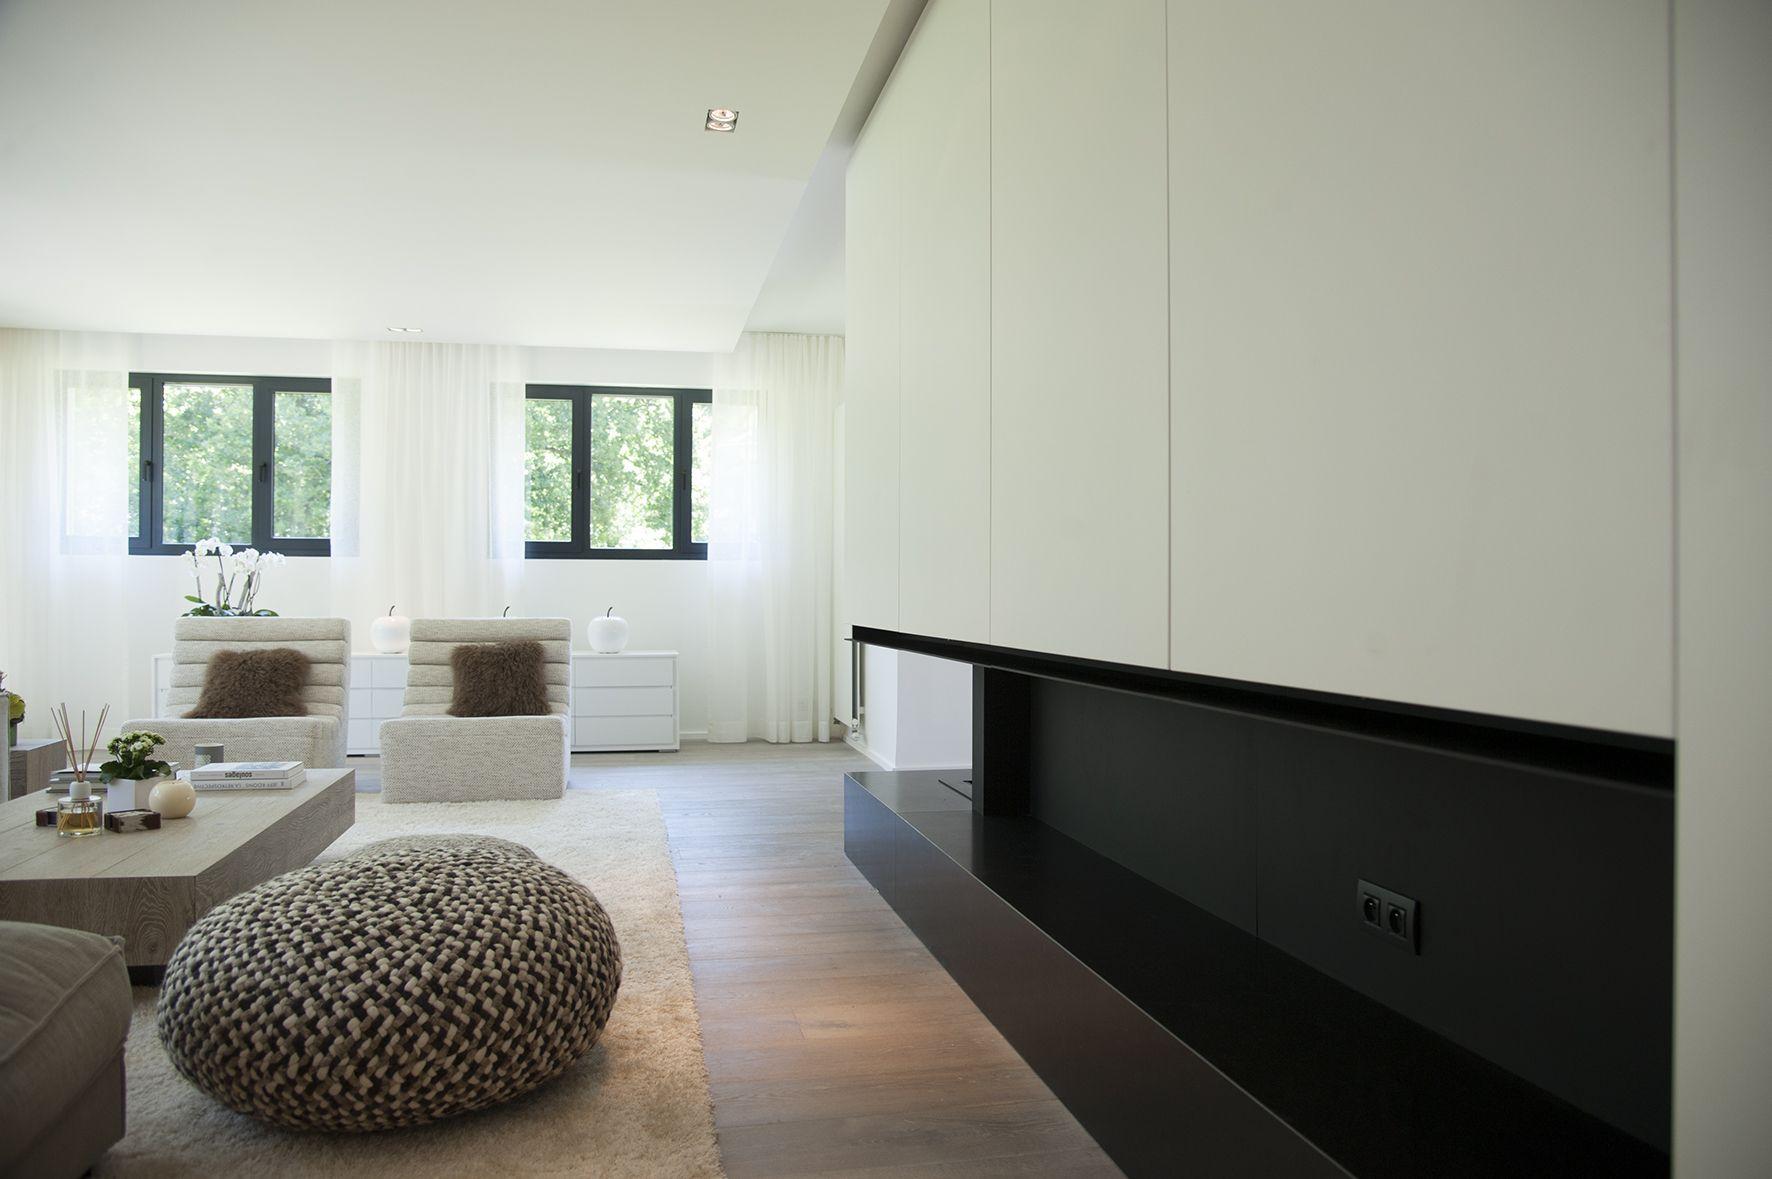 Cheminée villa architecture guillaume da silva villa au